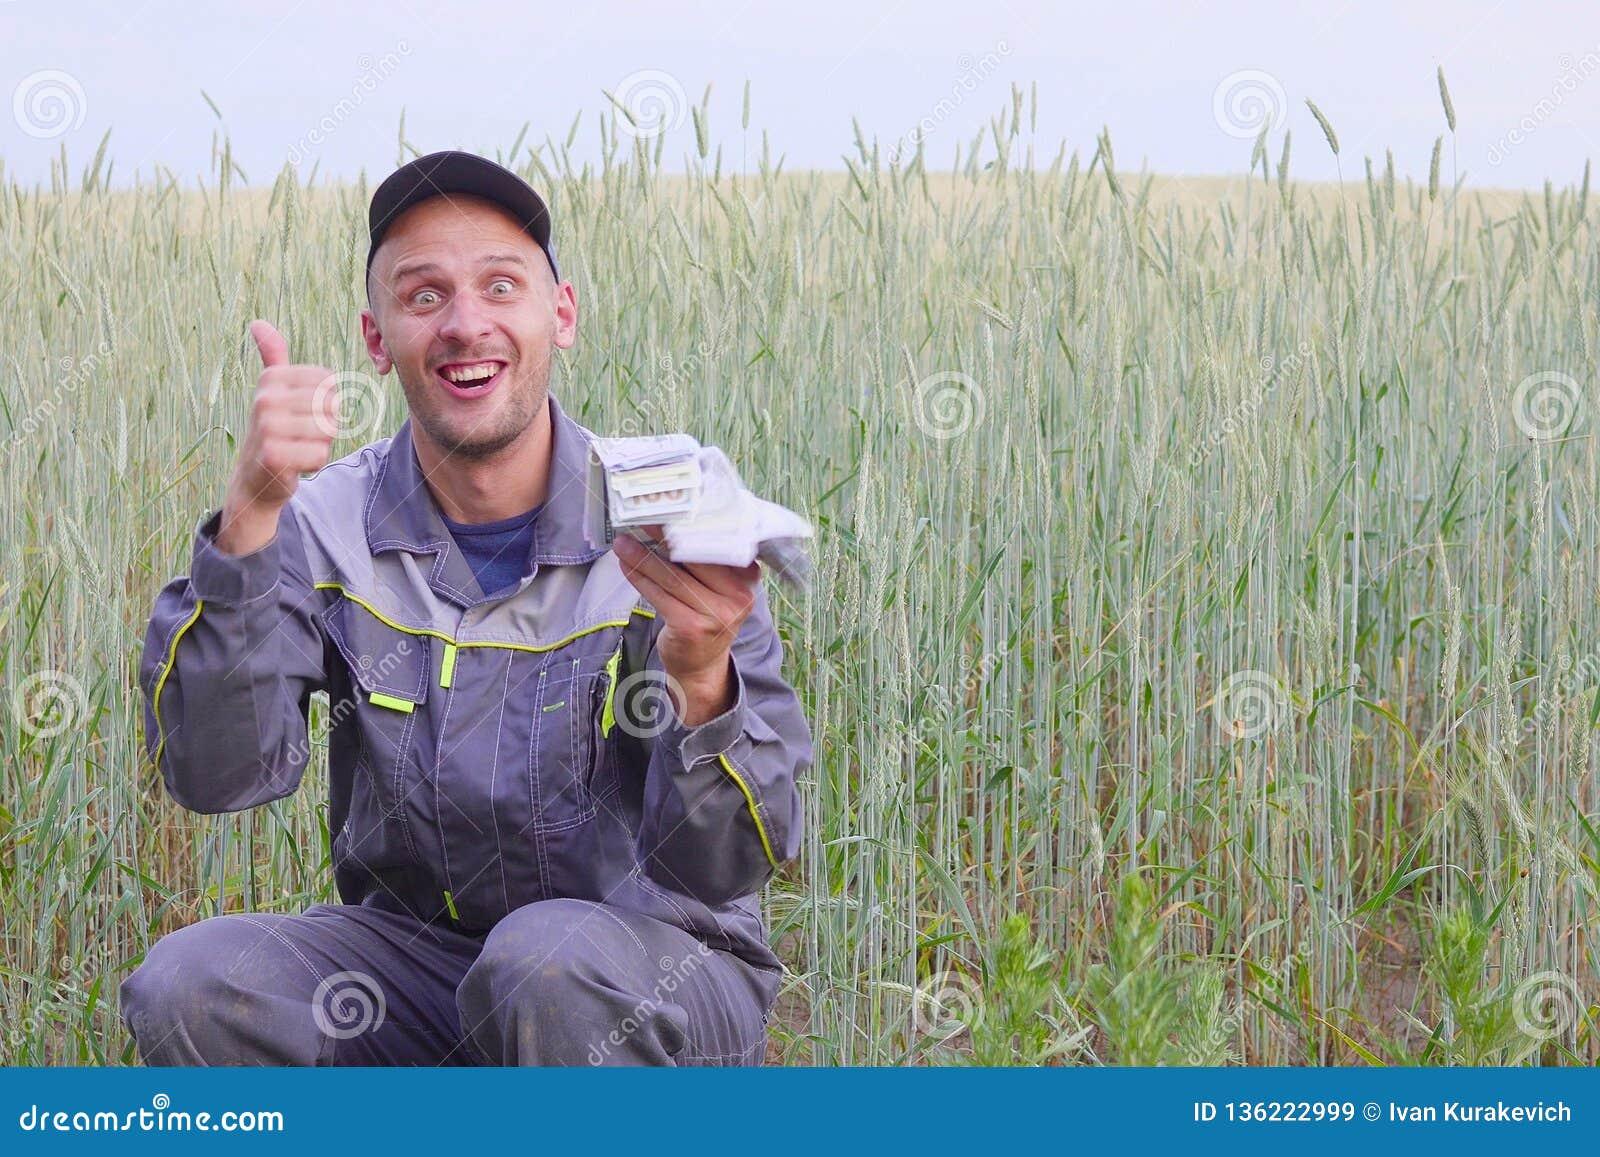 Ο νέος αγρότης έχει πολλά χρήματα Η έννοια της επιτυχίας της επιχείρησης στη γεωργία